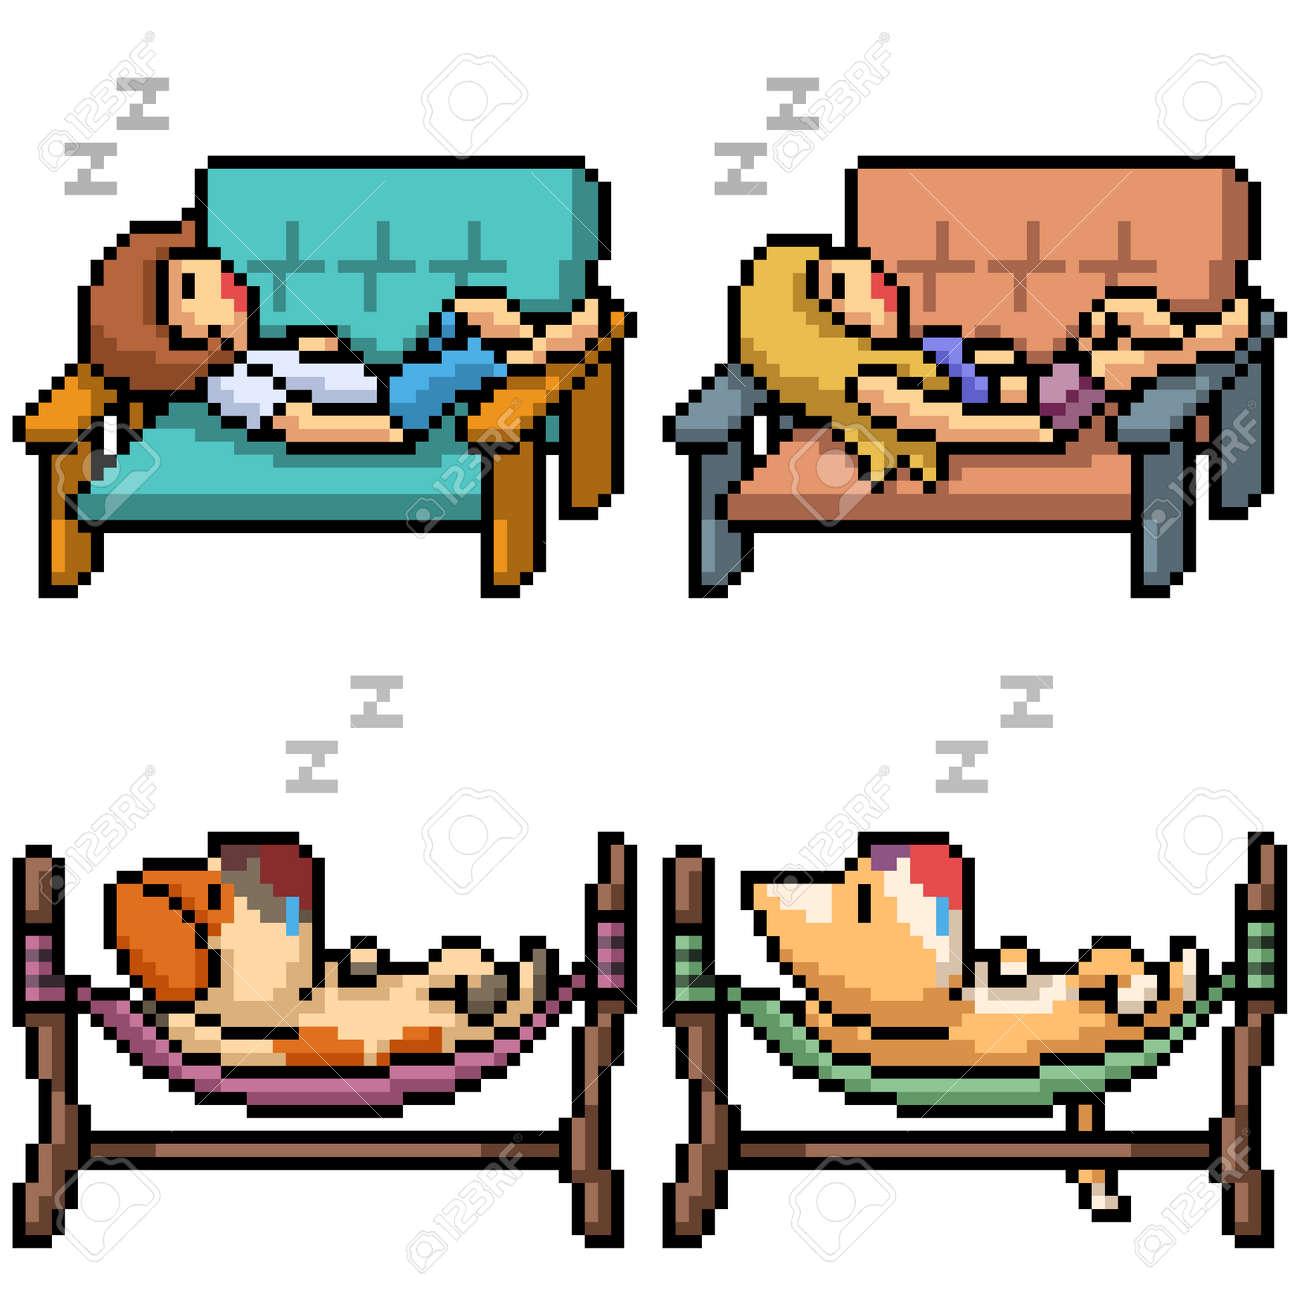 pixel art of people animal take a nap - 169836186